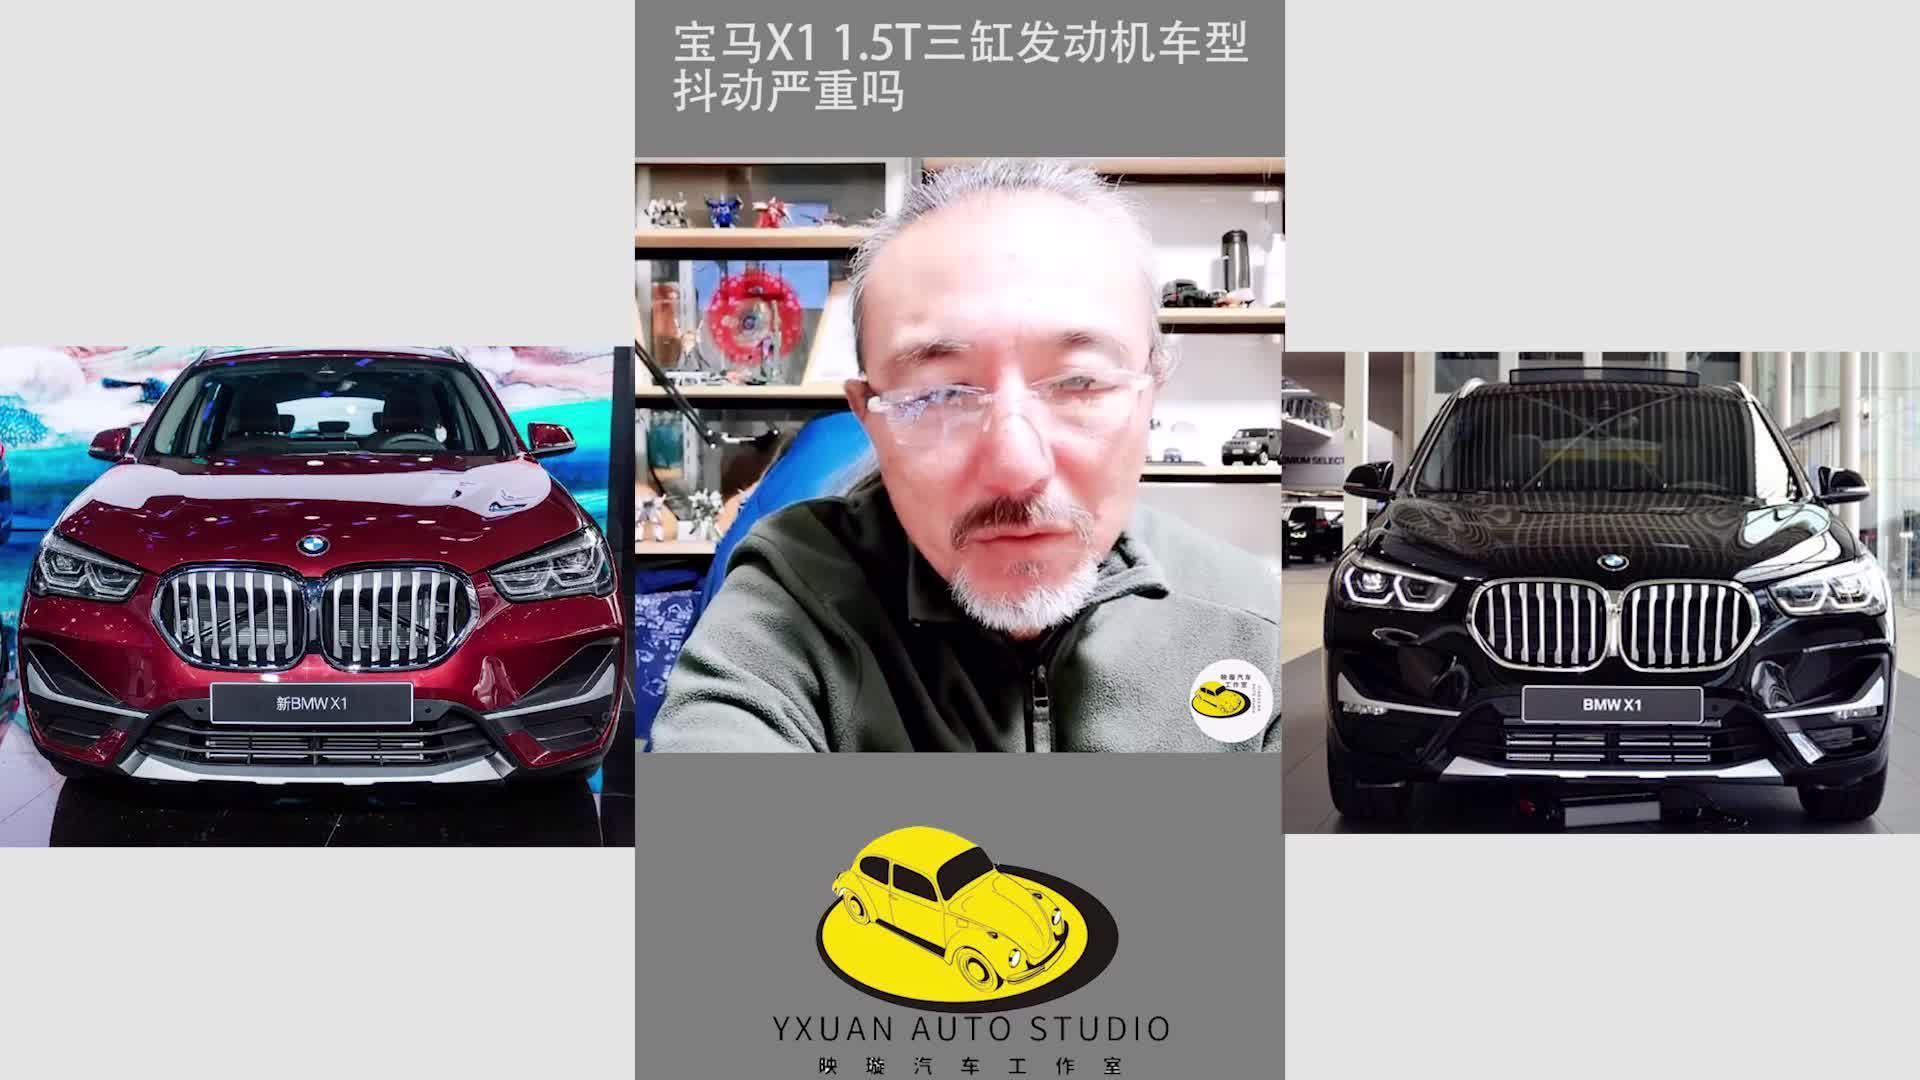 视频:【10秒快选车】宝马X1 1.5T三缸发动机车型抖动严重吗?